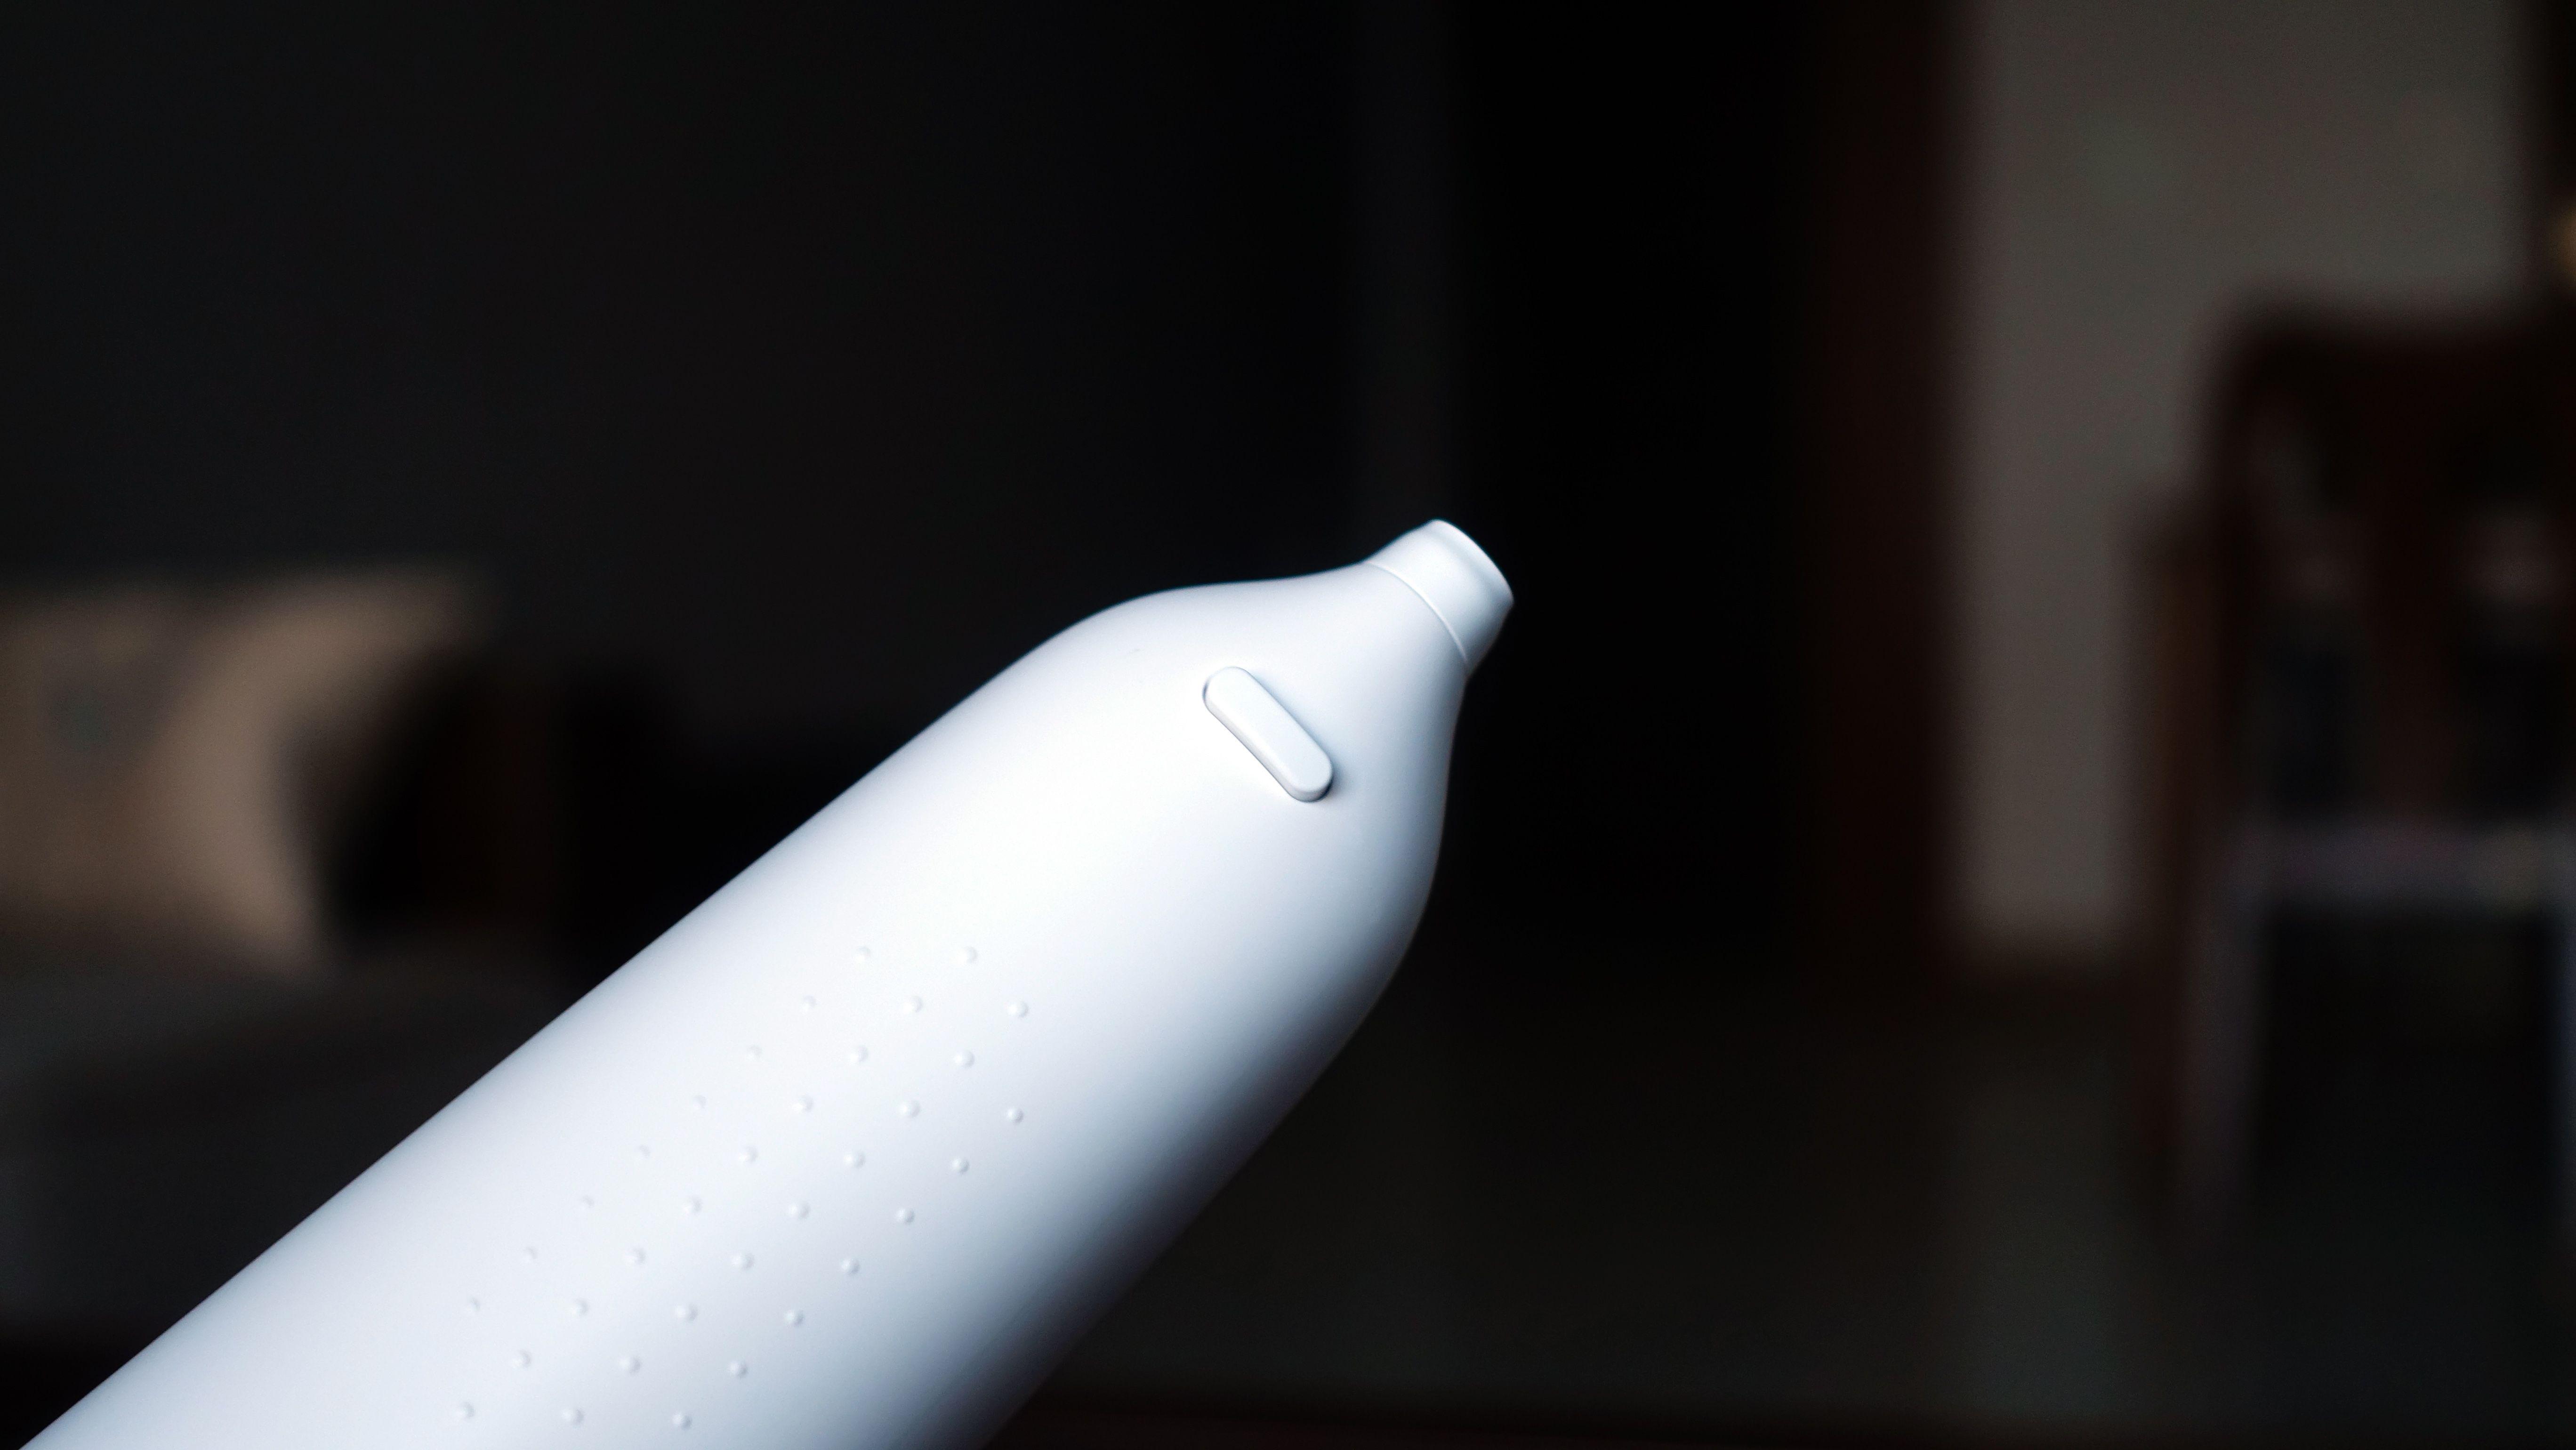 美的SPA微气泡冲牙器体验:高科技洁牙助手